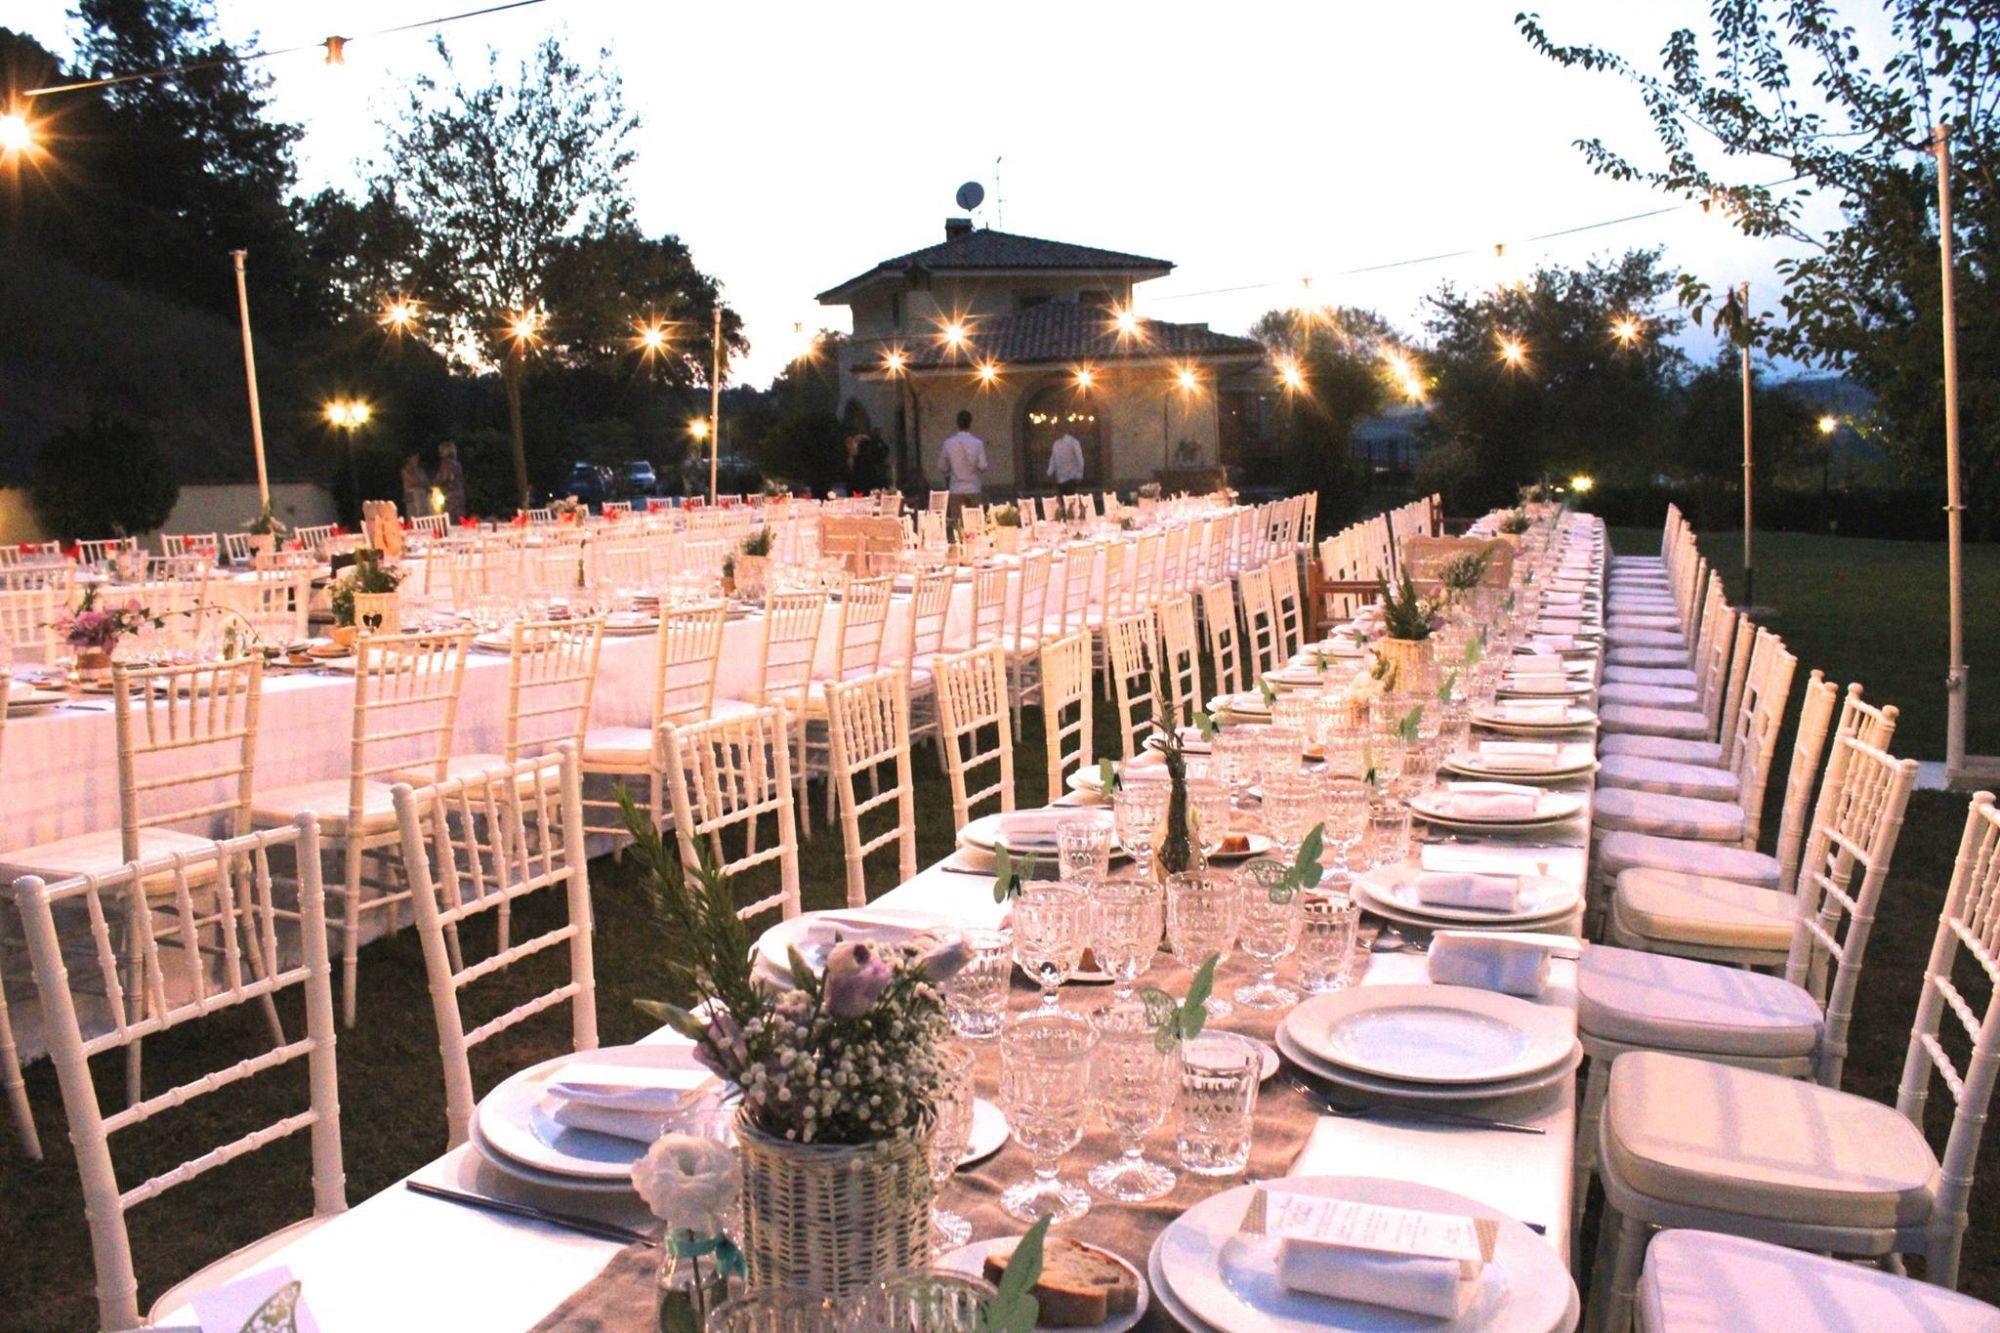 Location Per Eventi A Roma I Migliori 63 Spazi In Affitto Location Per Matrimoni Eventi Matrimonio Da Favola